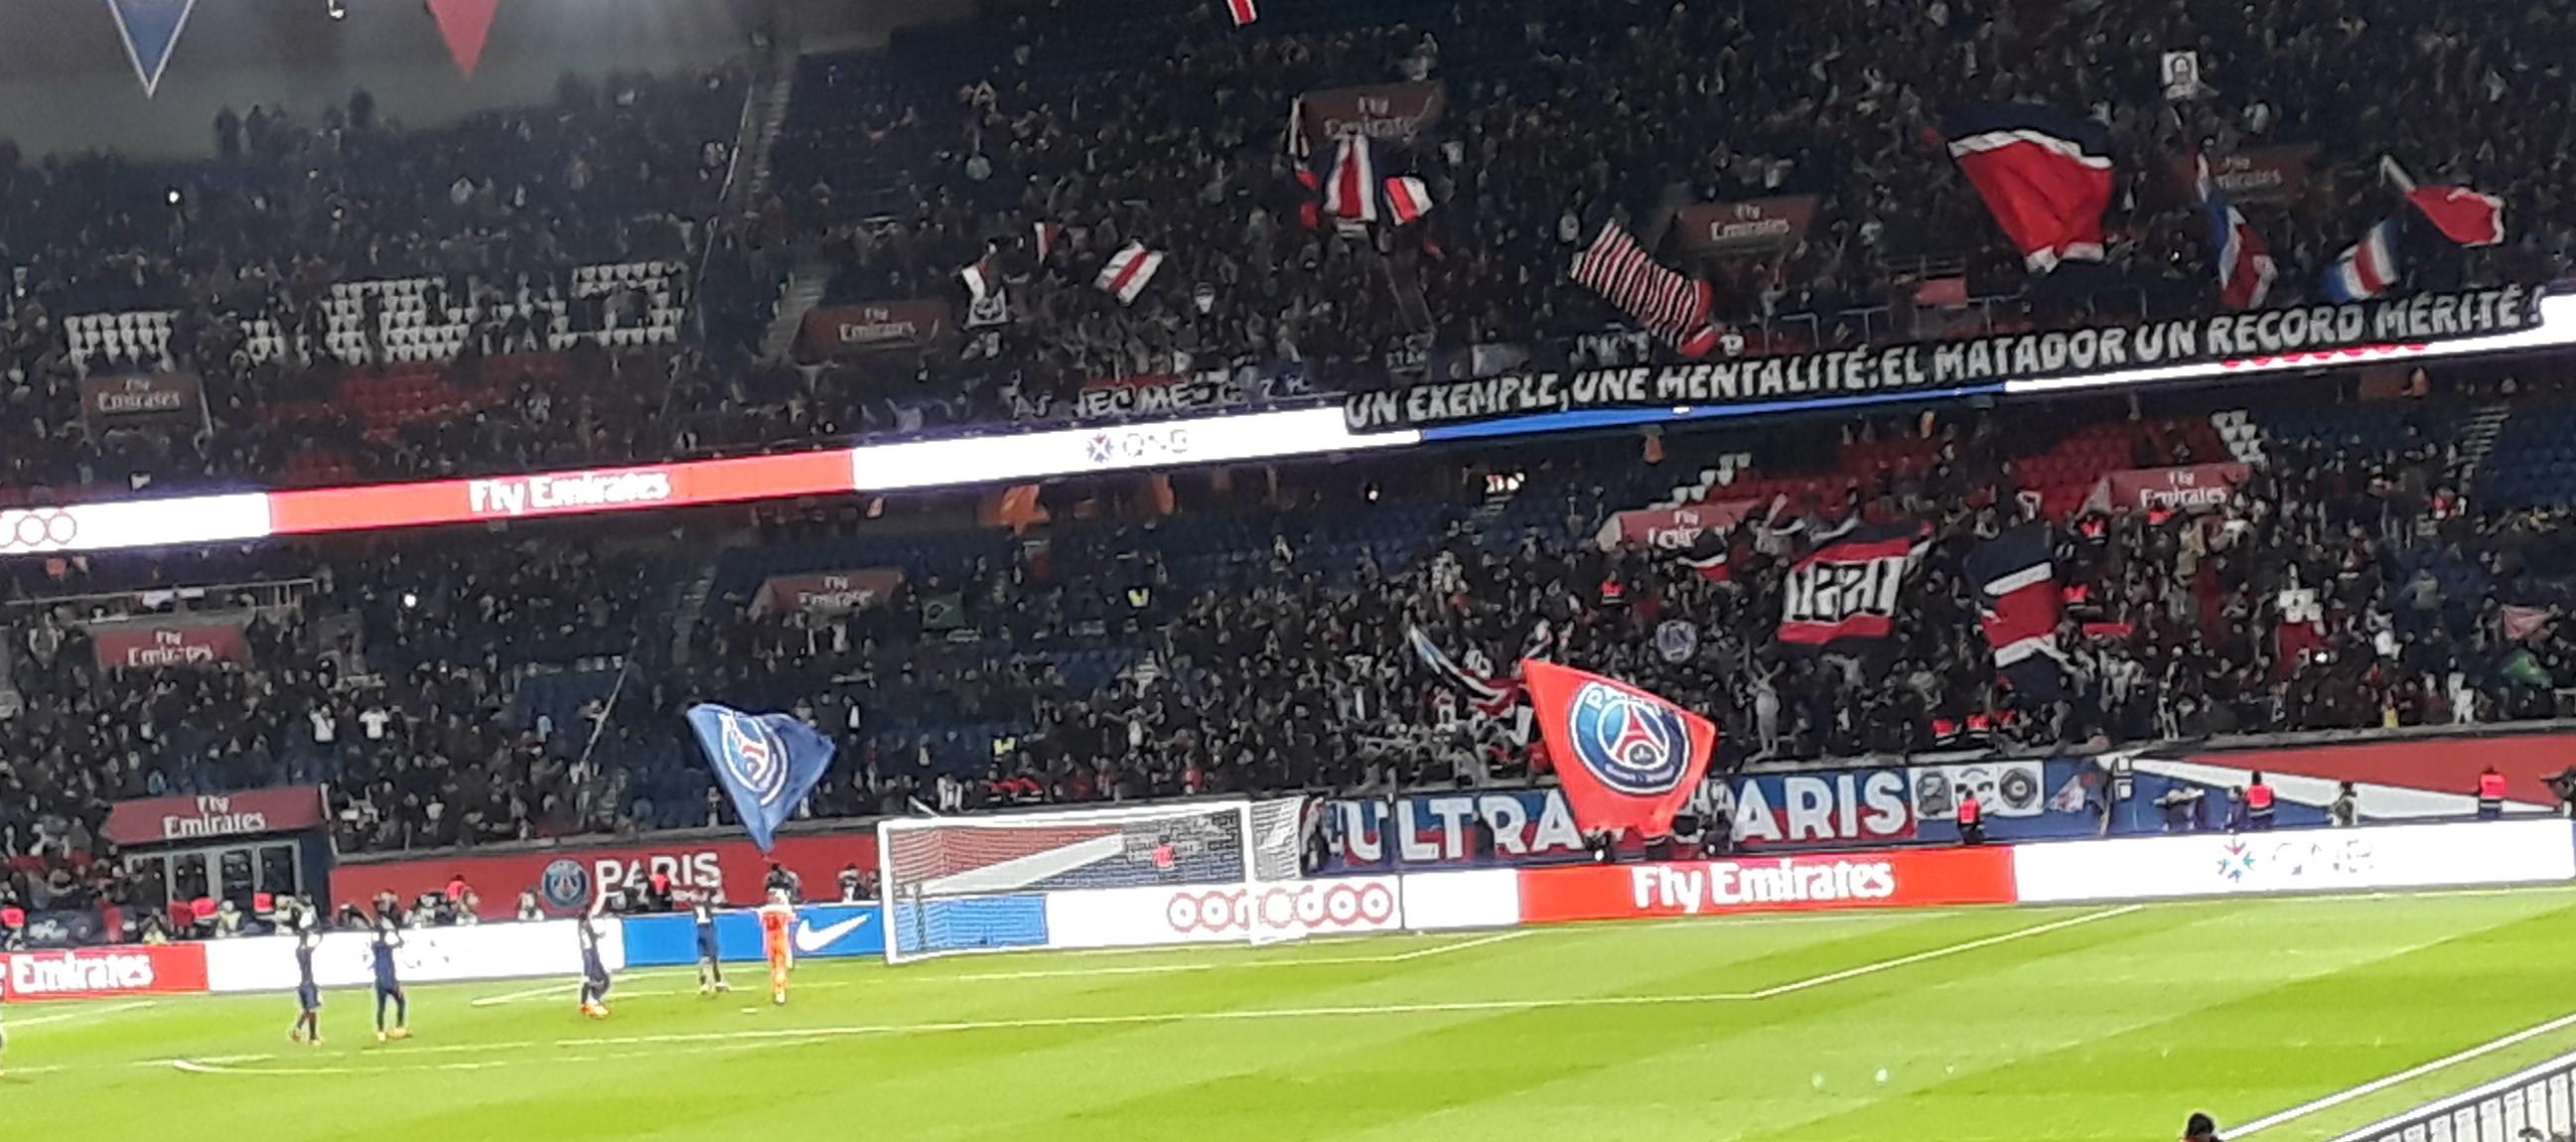 """PSG/Strasbourg - Vu du Parc : belle ambiance, mais pas de """"mobilisation générale"""""""